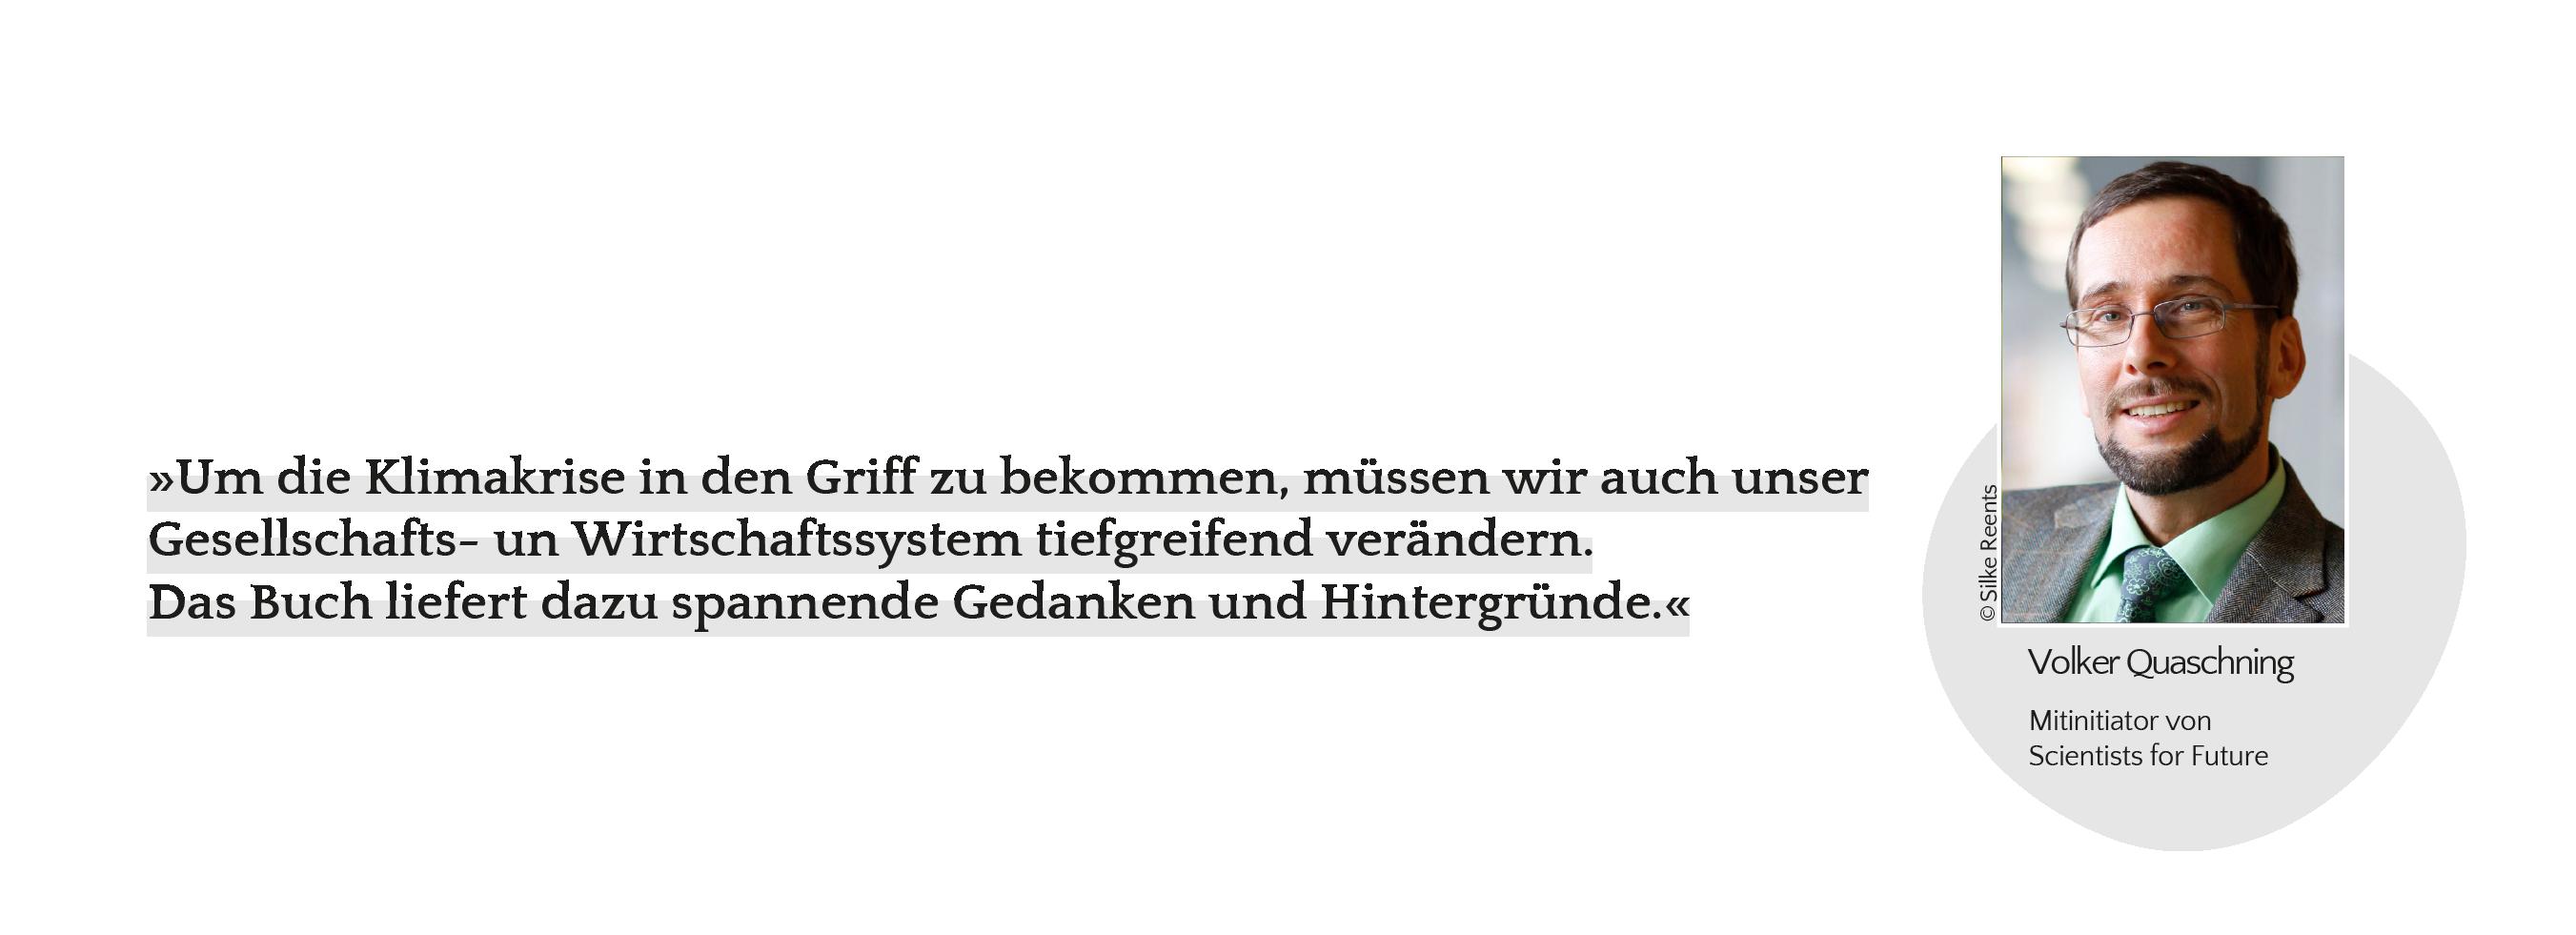 Statement_Volker Quaschning